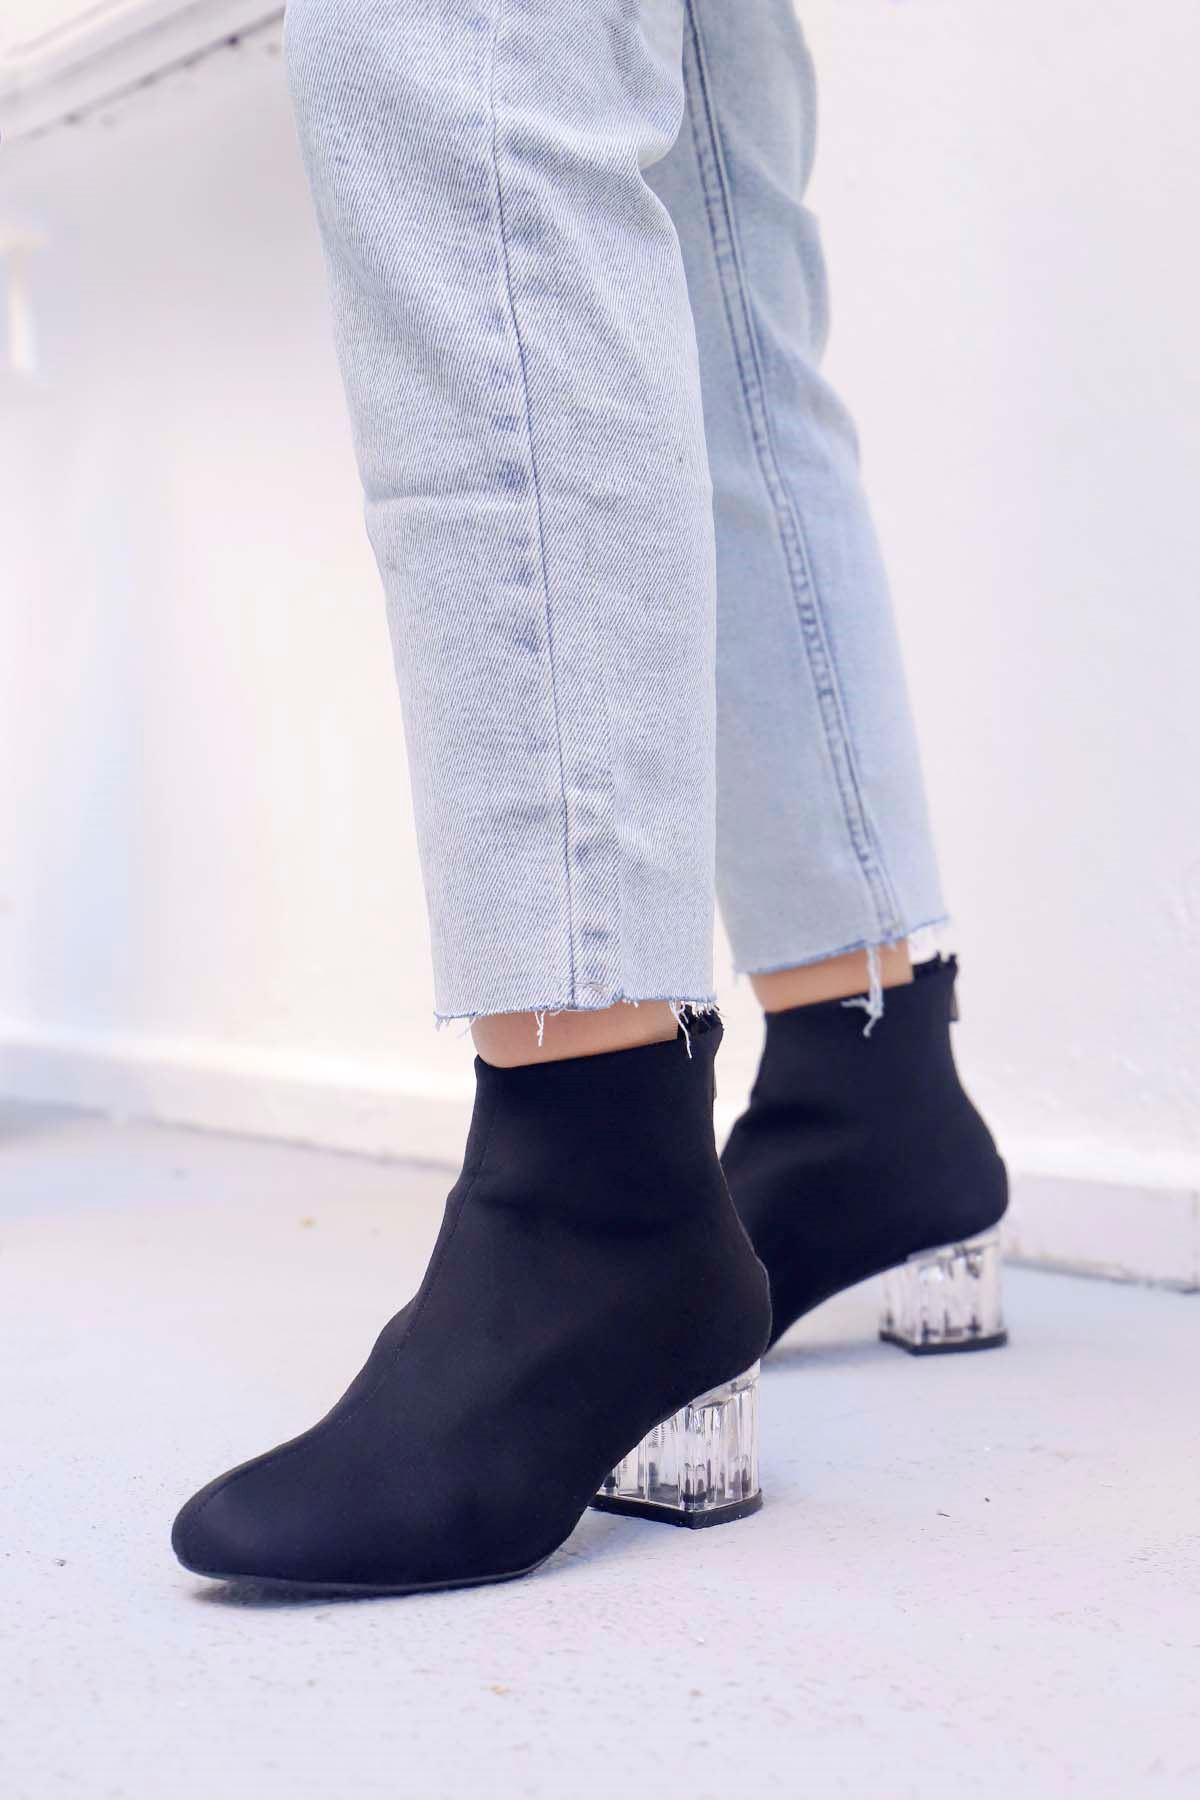 mami-Şeffaf Topuk Küt Burun Topuklu Bot Siyah Süet